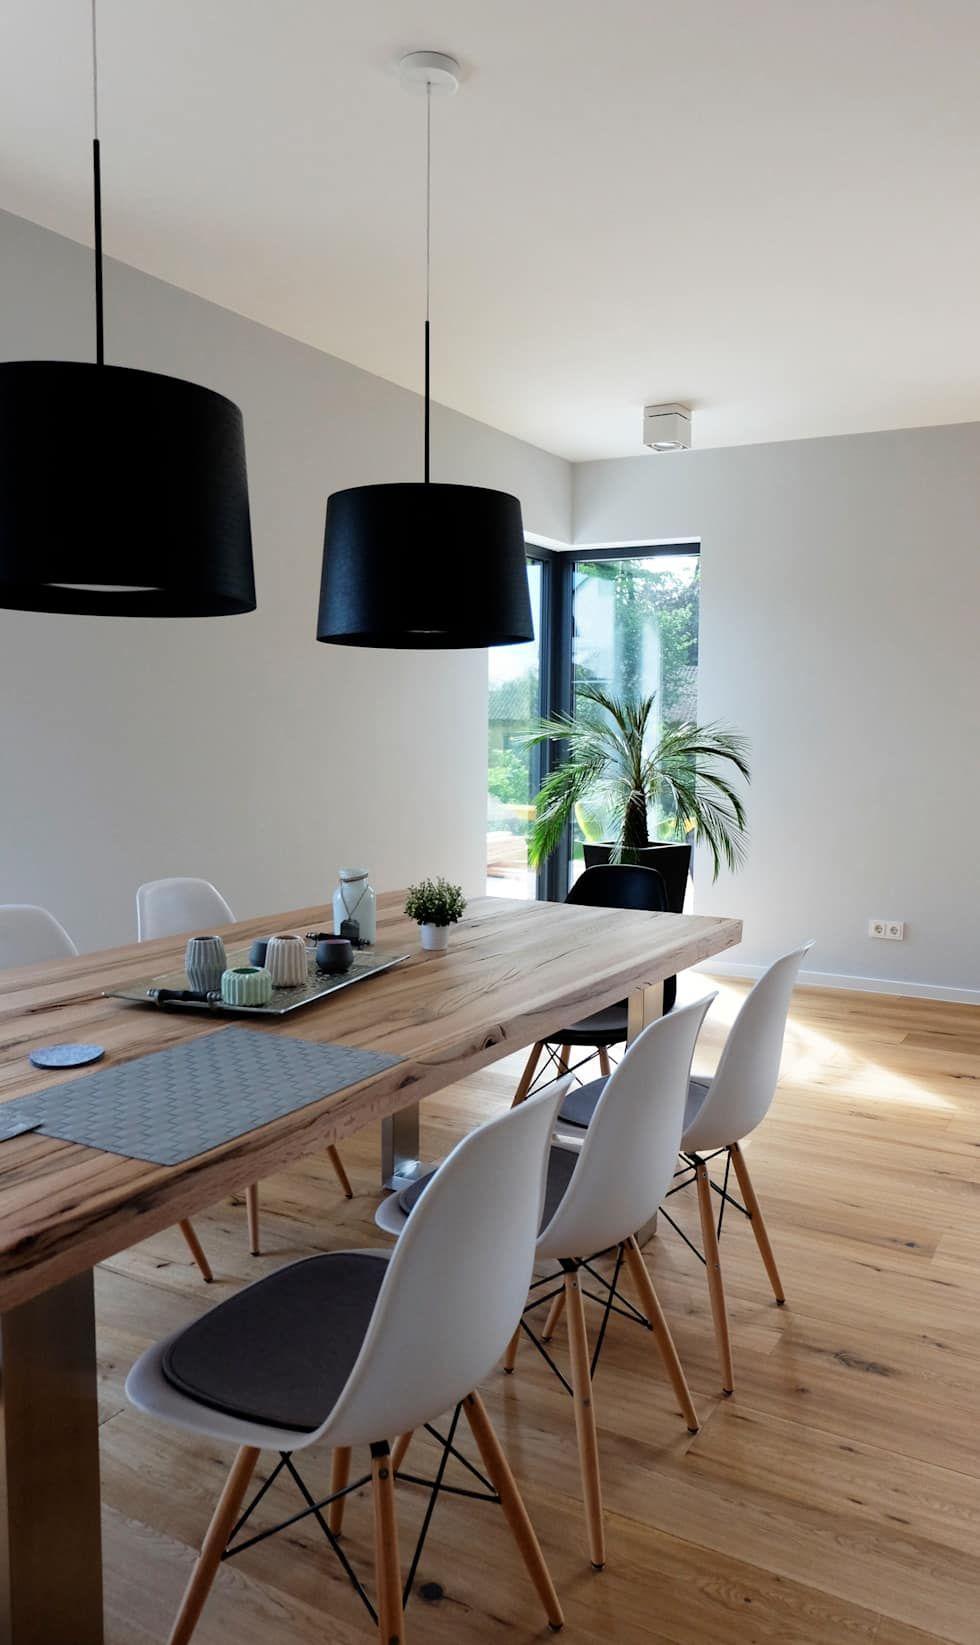 Offener Essbereich: Moderne Esszimmer Von Resonator Coop Architektur +  Design